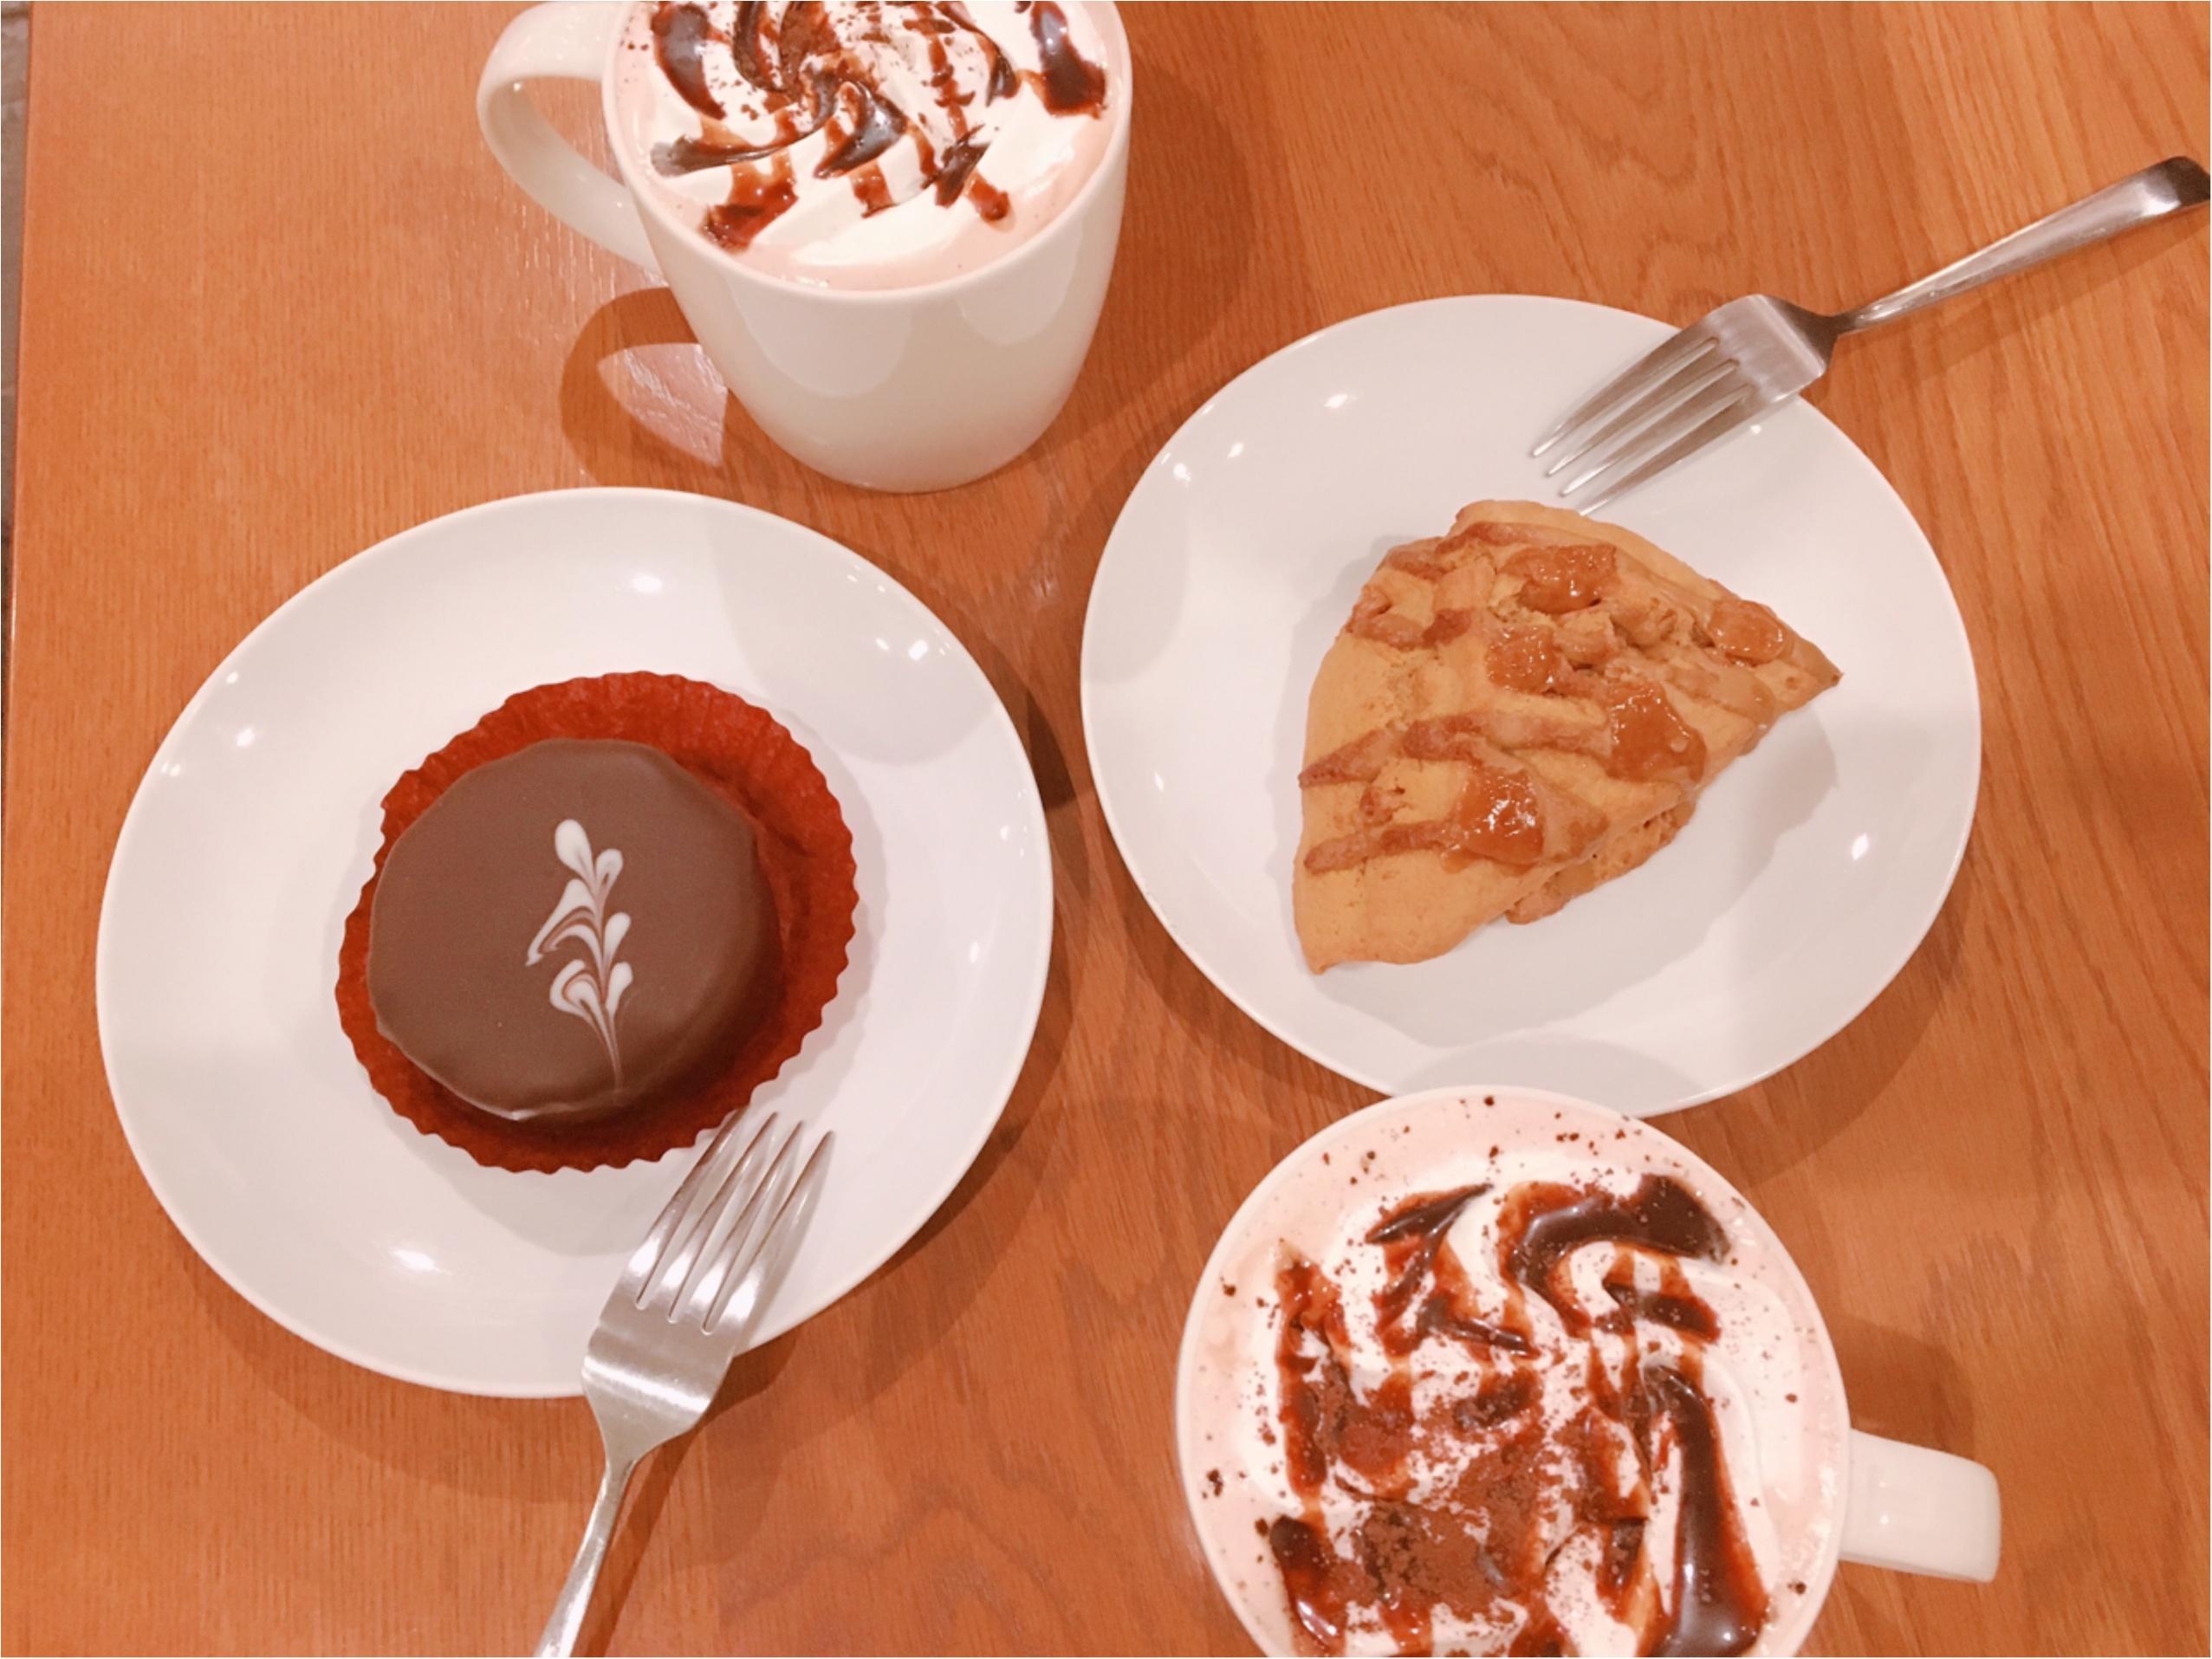 【スタバ】バレンタイン新作『チョコホリック ココ』と店員さん考案『アメリカンスコーン キャラメルトフィー』がついに登場!_1